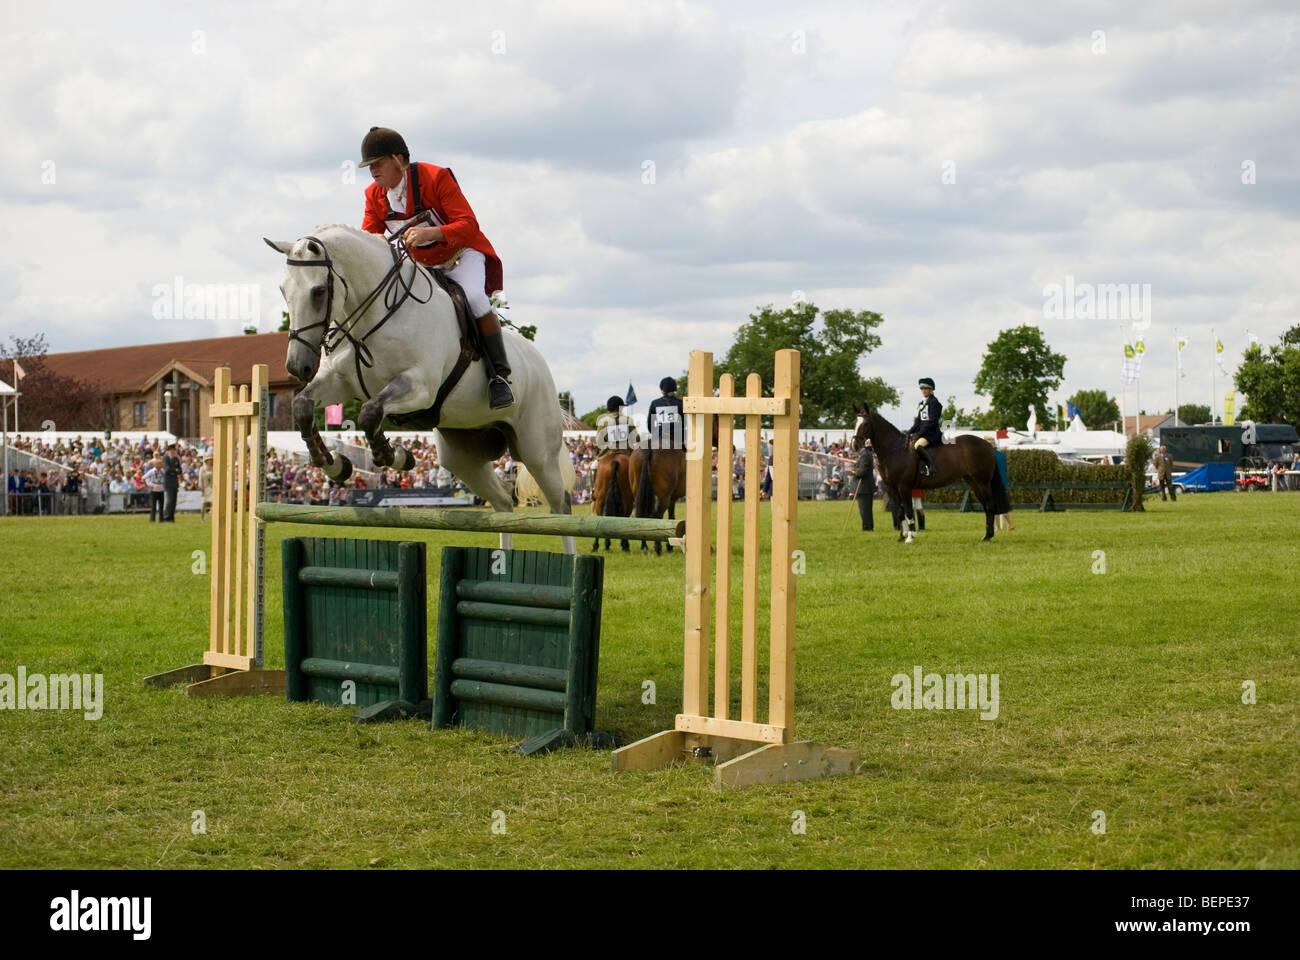 Show Jumping lors du dernier événement Royal Show jamais Photo Stock